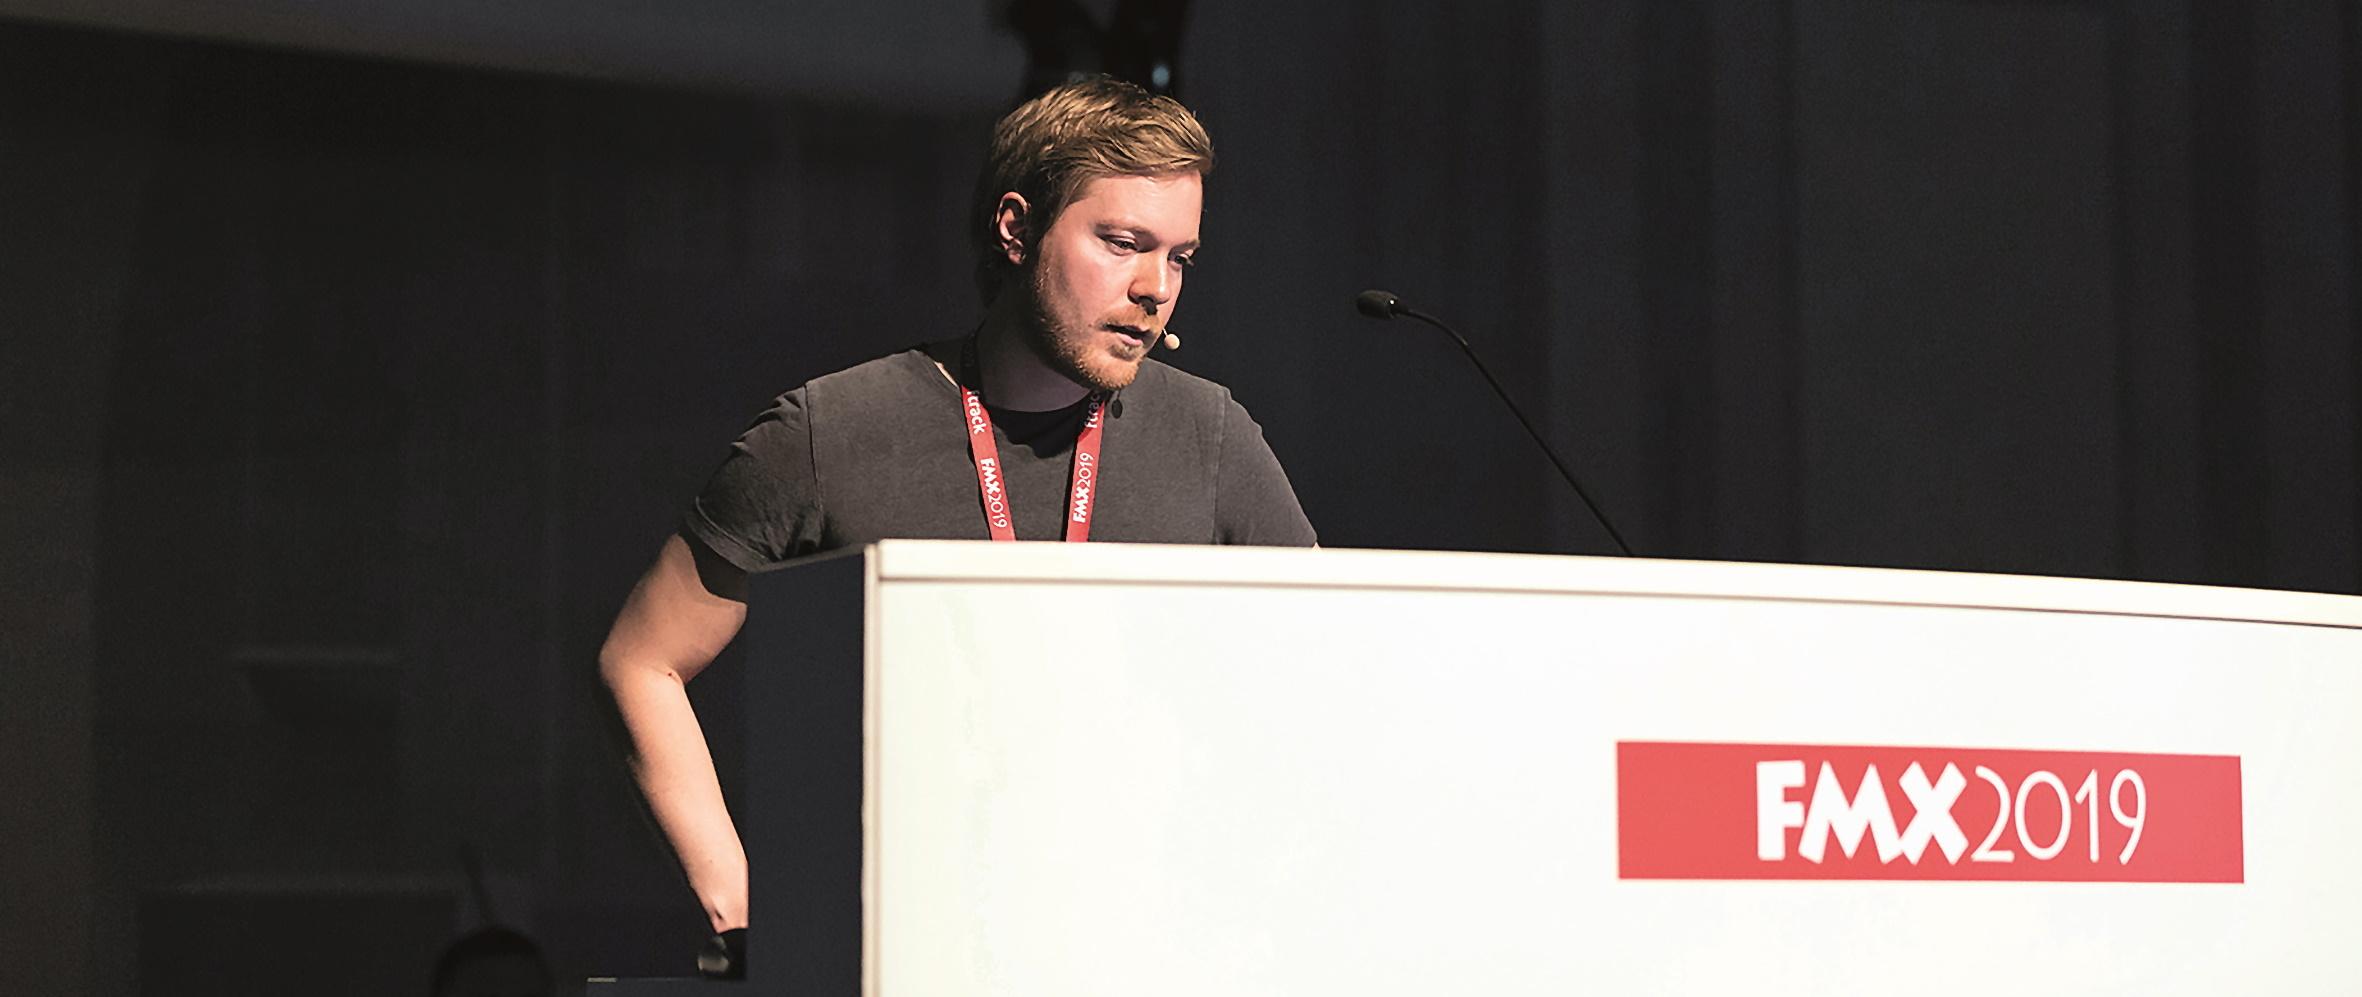 Anton Palmqvist (Goodbye Kansas) bei seinem Vortrag auf der FMX